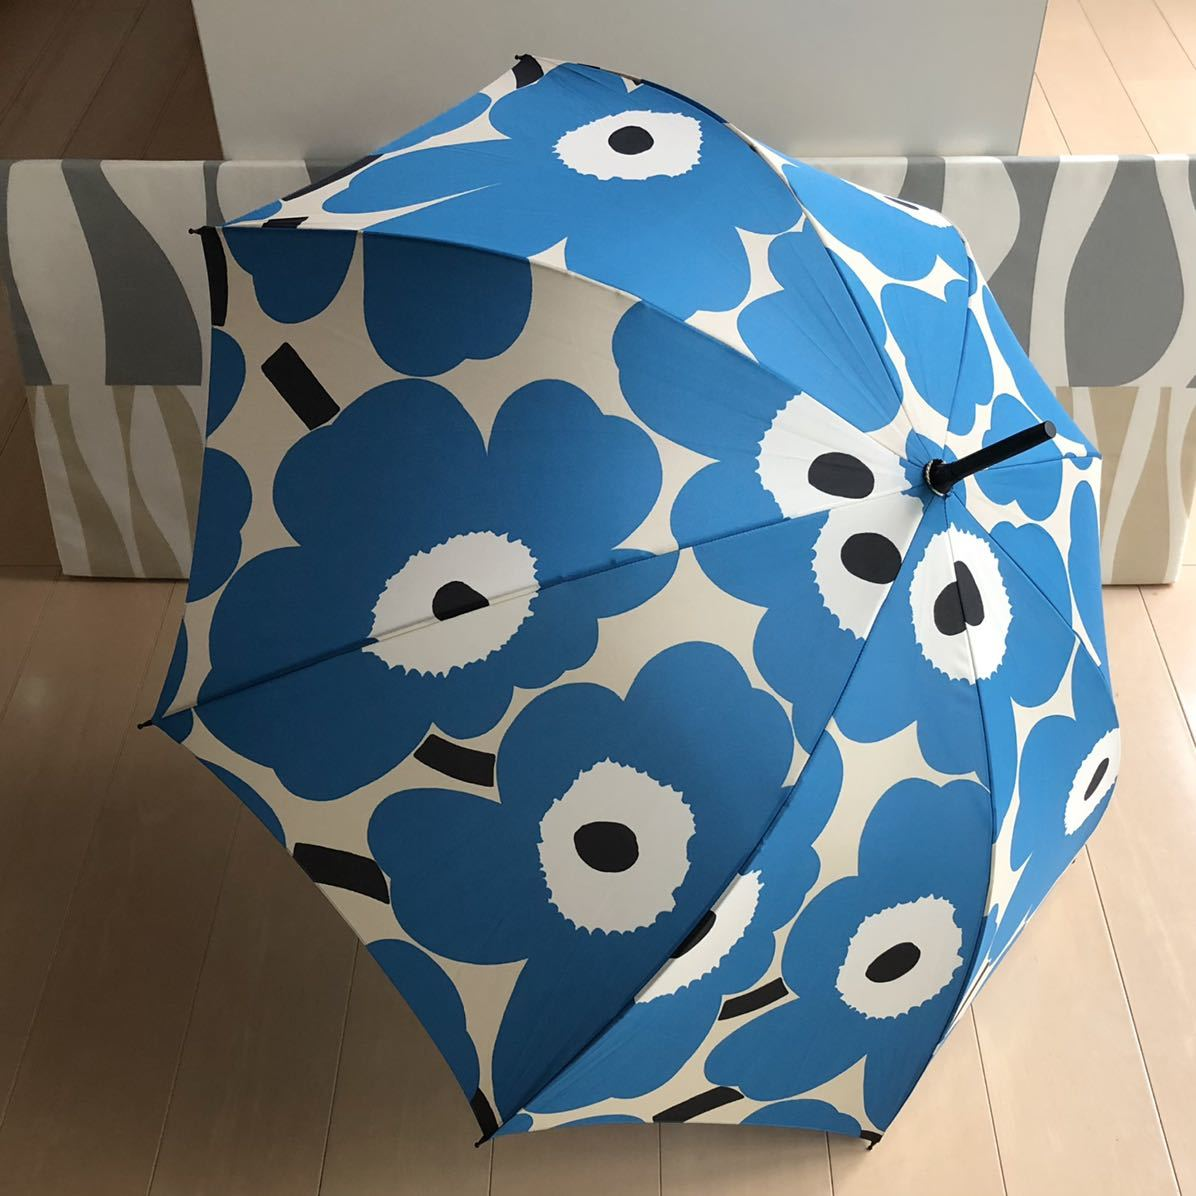 新品 marimekko Stick Pieni Unikko マリメッコ 長傘 ブルー ワンタッチ